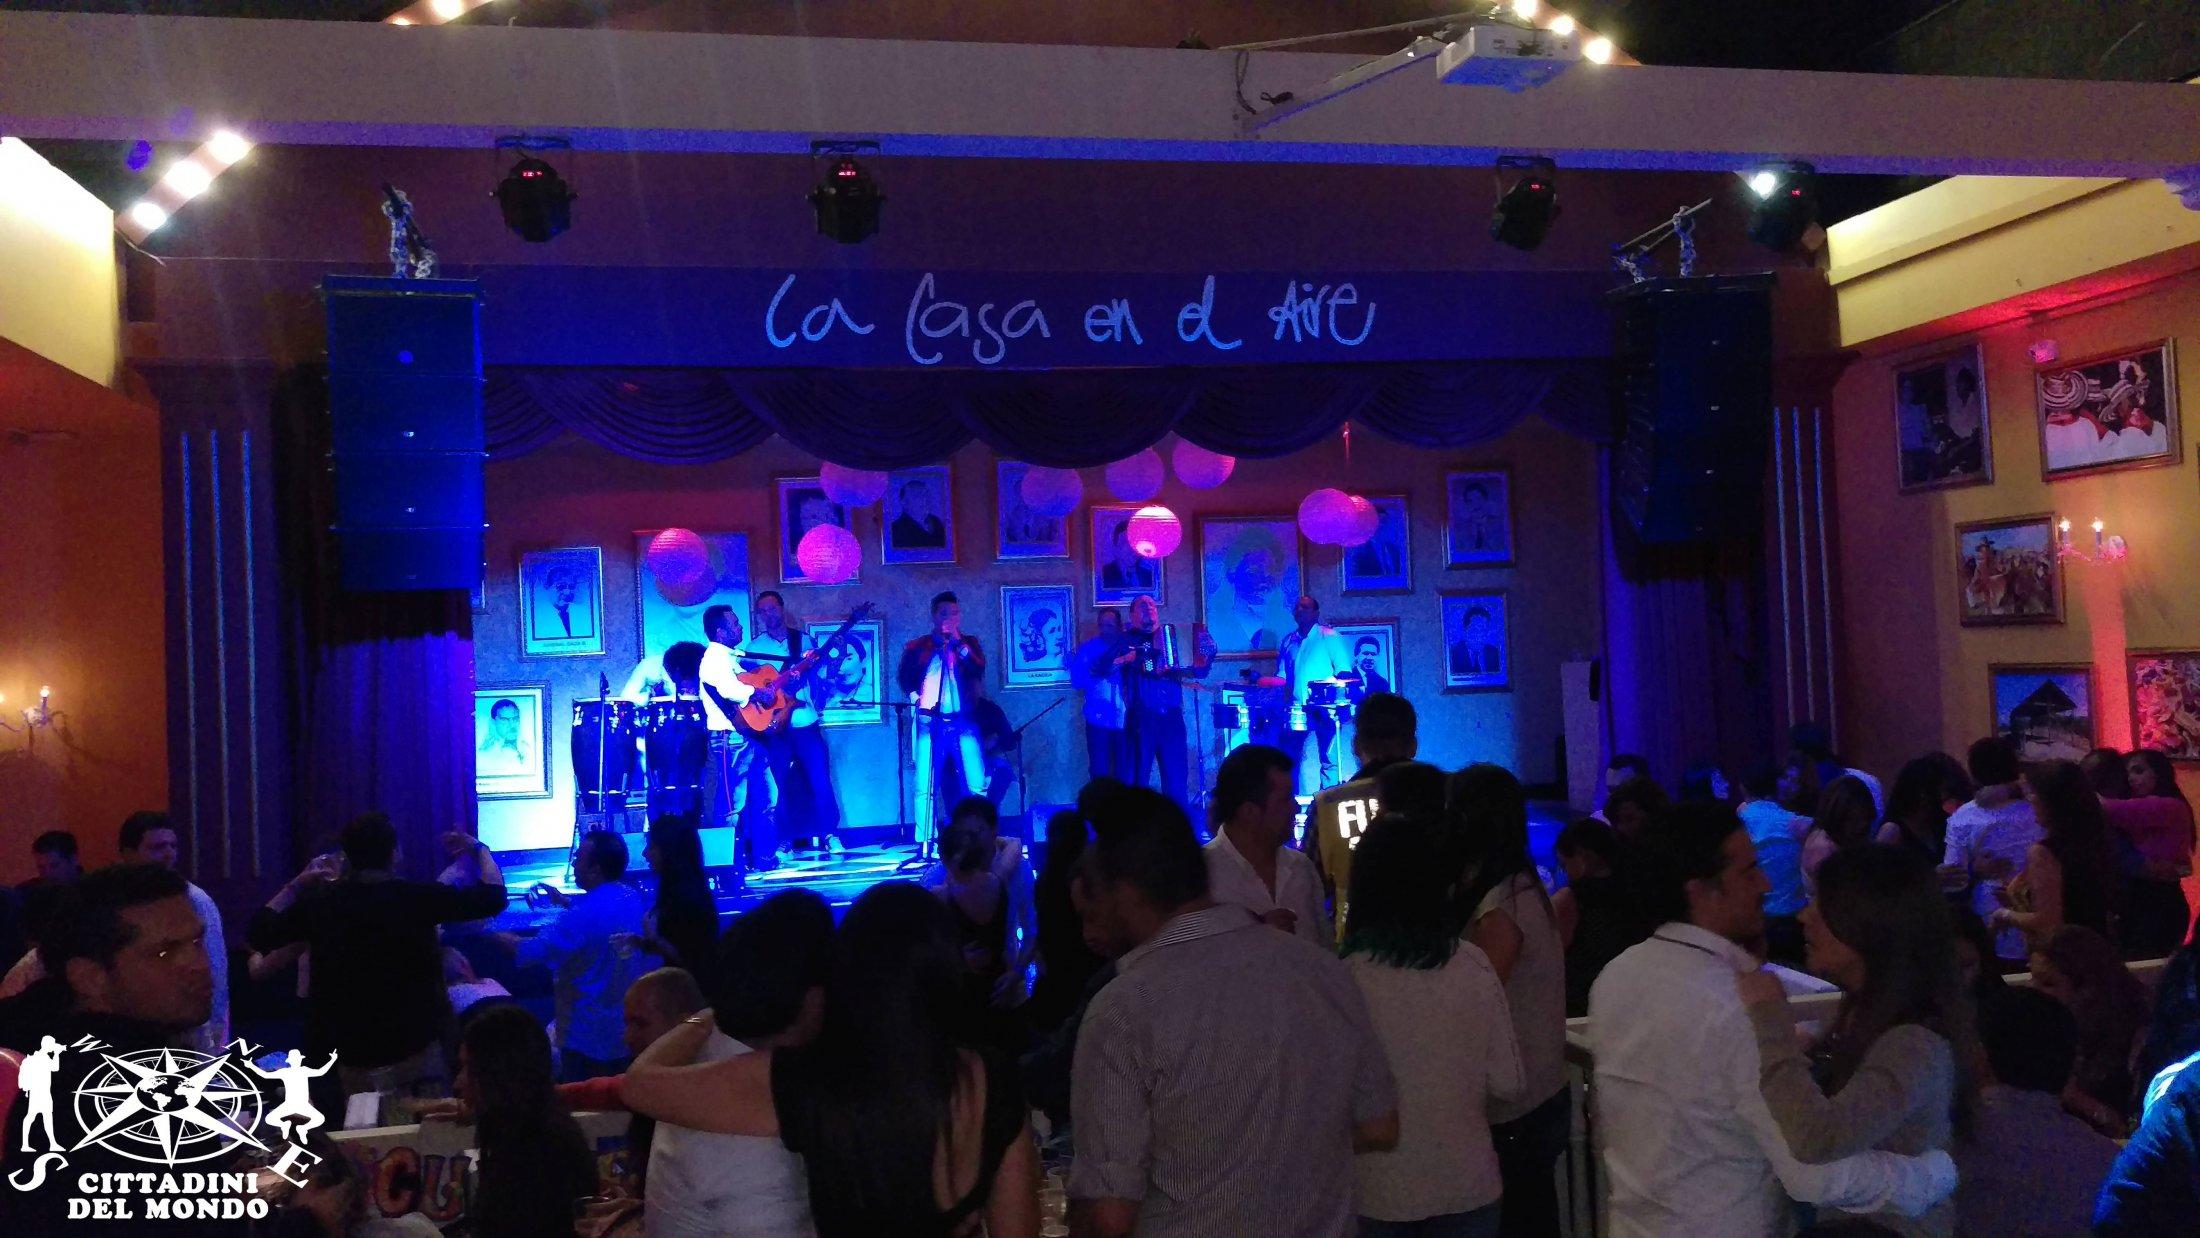 Galleria Colombia: Bogotà - La Casa en el Aire